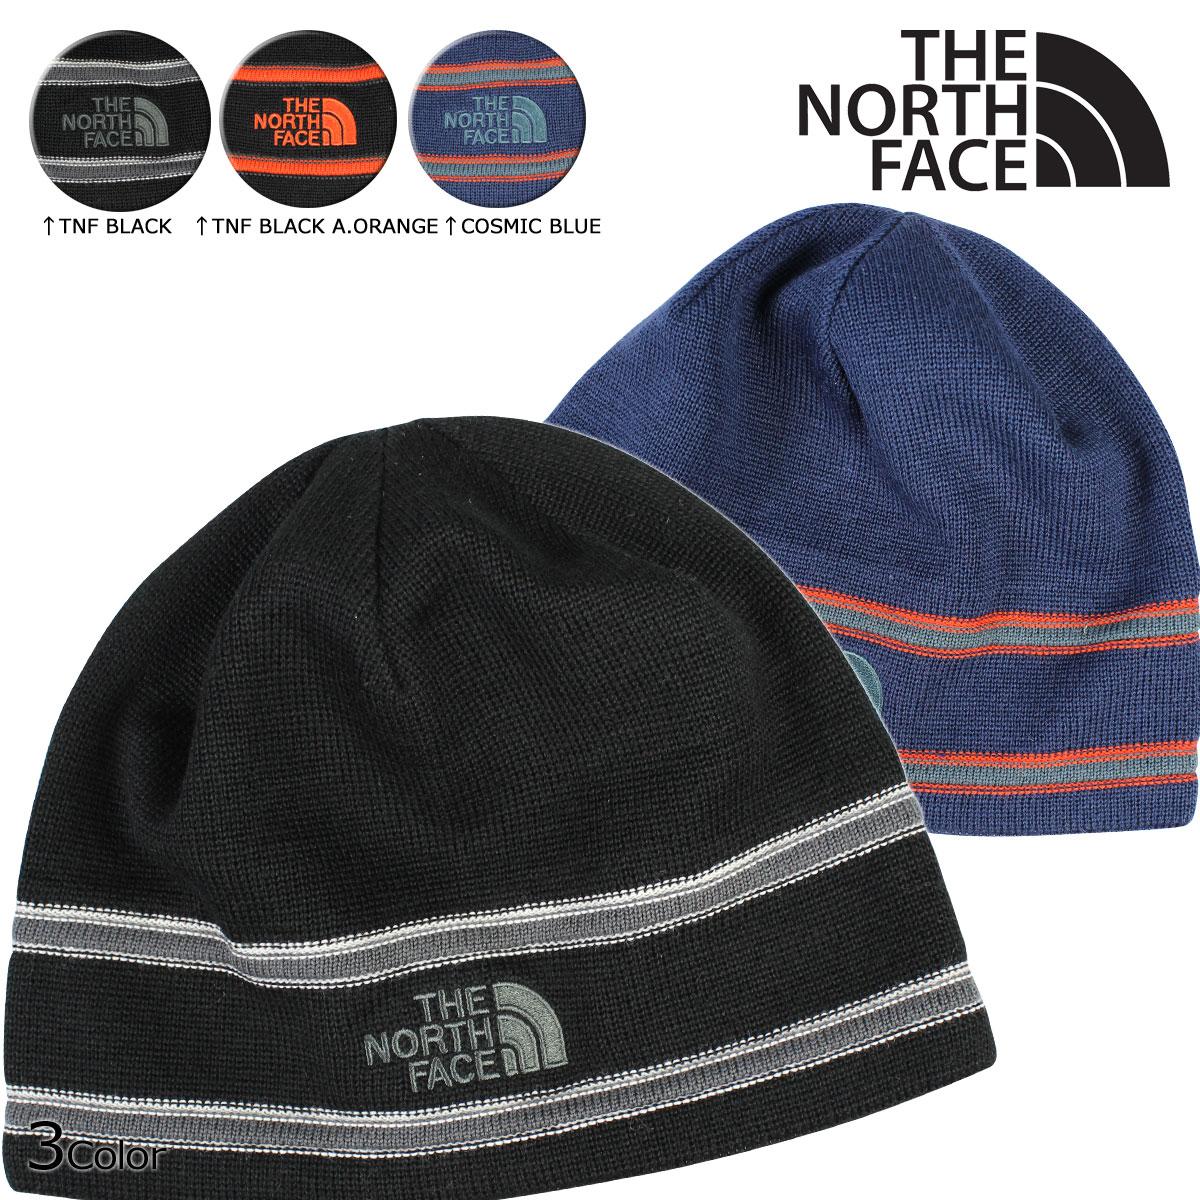 e21ef1e8d North Face THE NORTH FACE knit hat beanie knit cap LOGO BEANIE men gap Dis